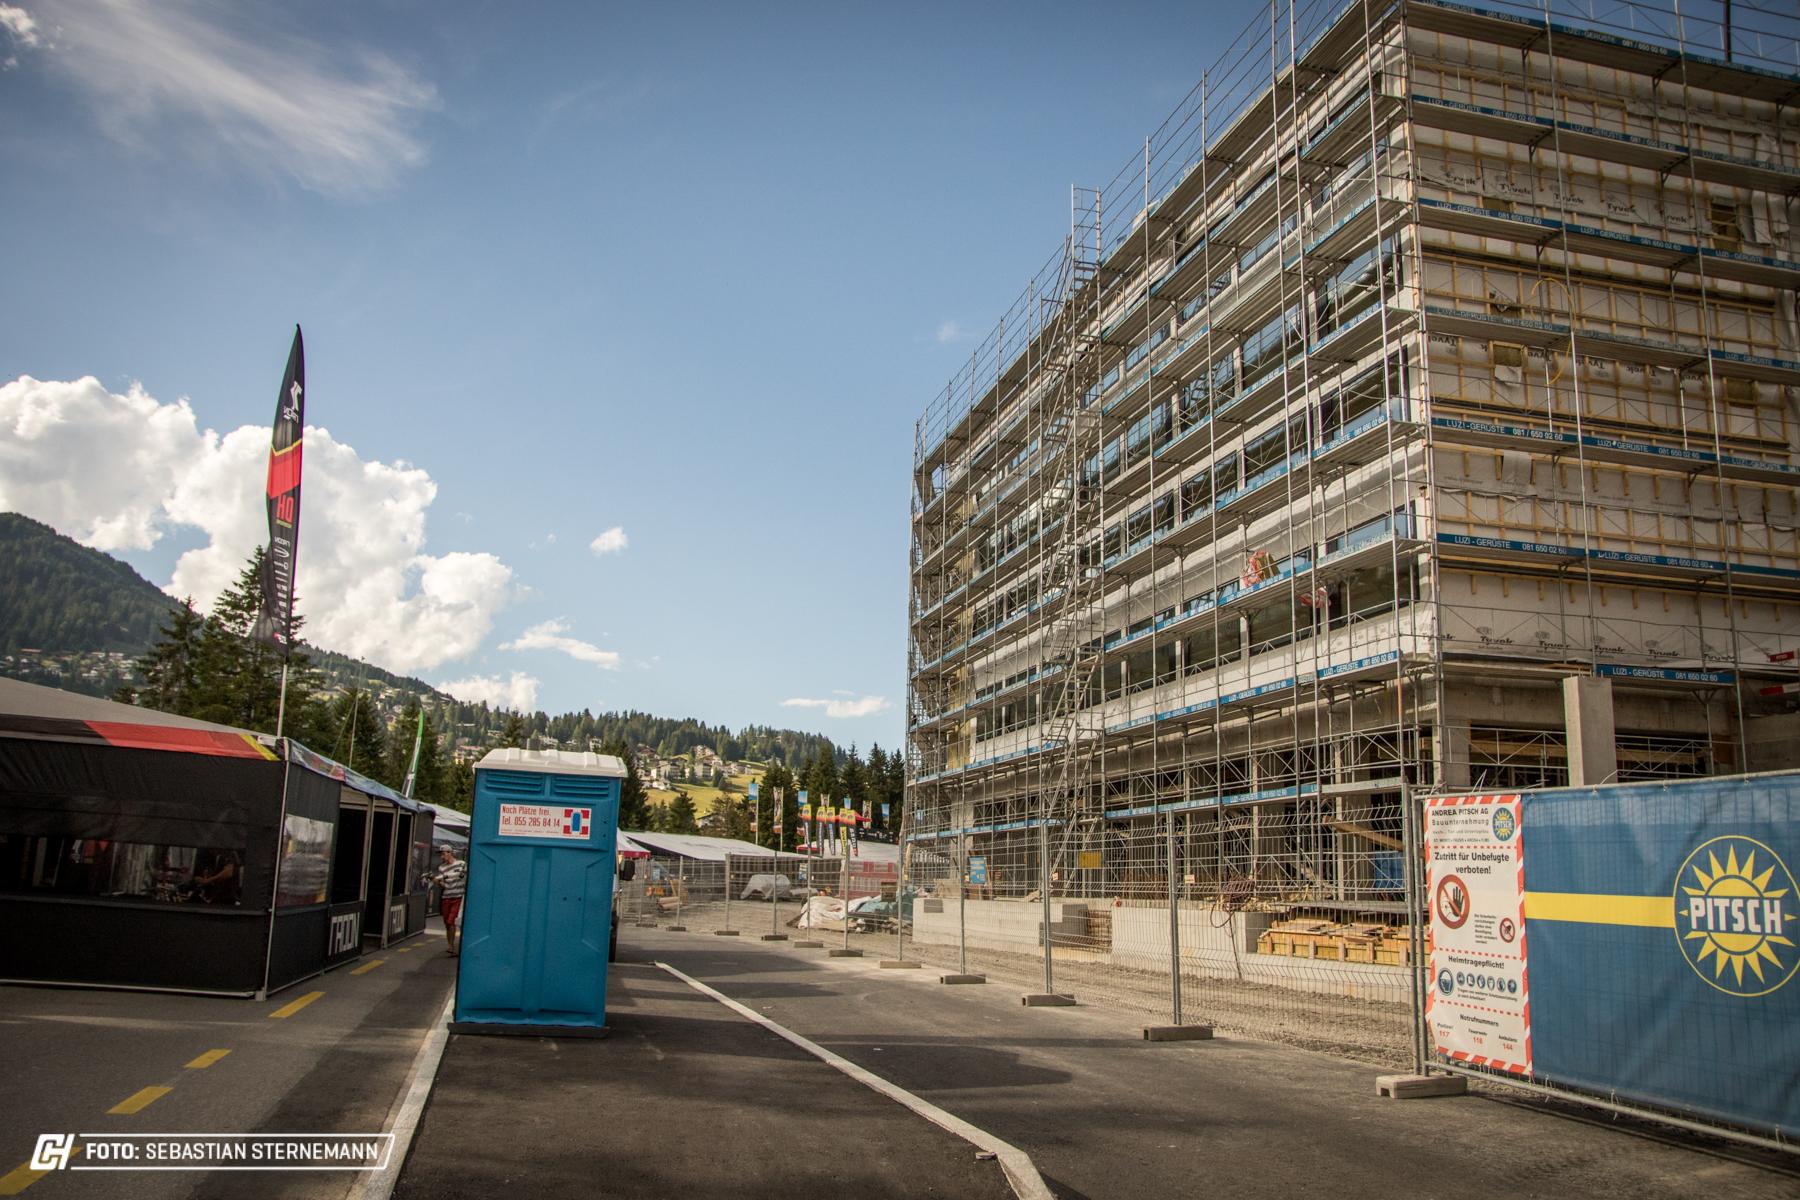 Aufgrund der Baustelle eines neuen Hotels, müssen die Pits mit weniger Platz auskommen.